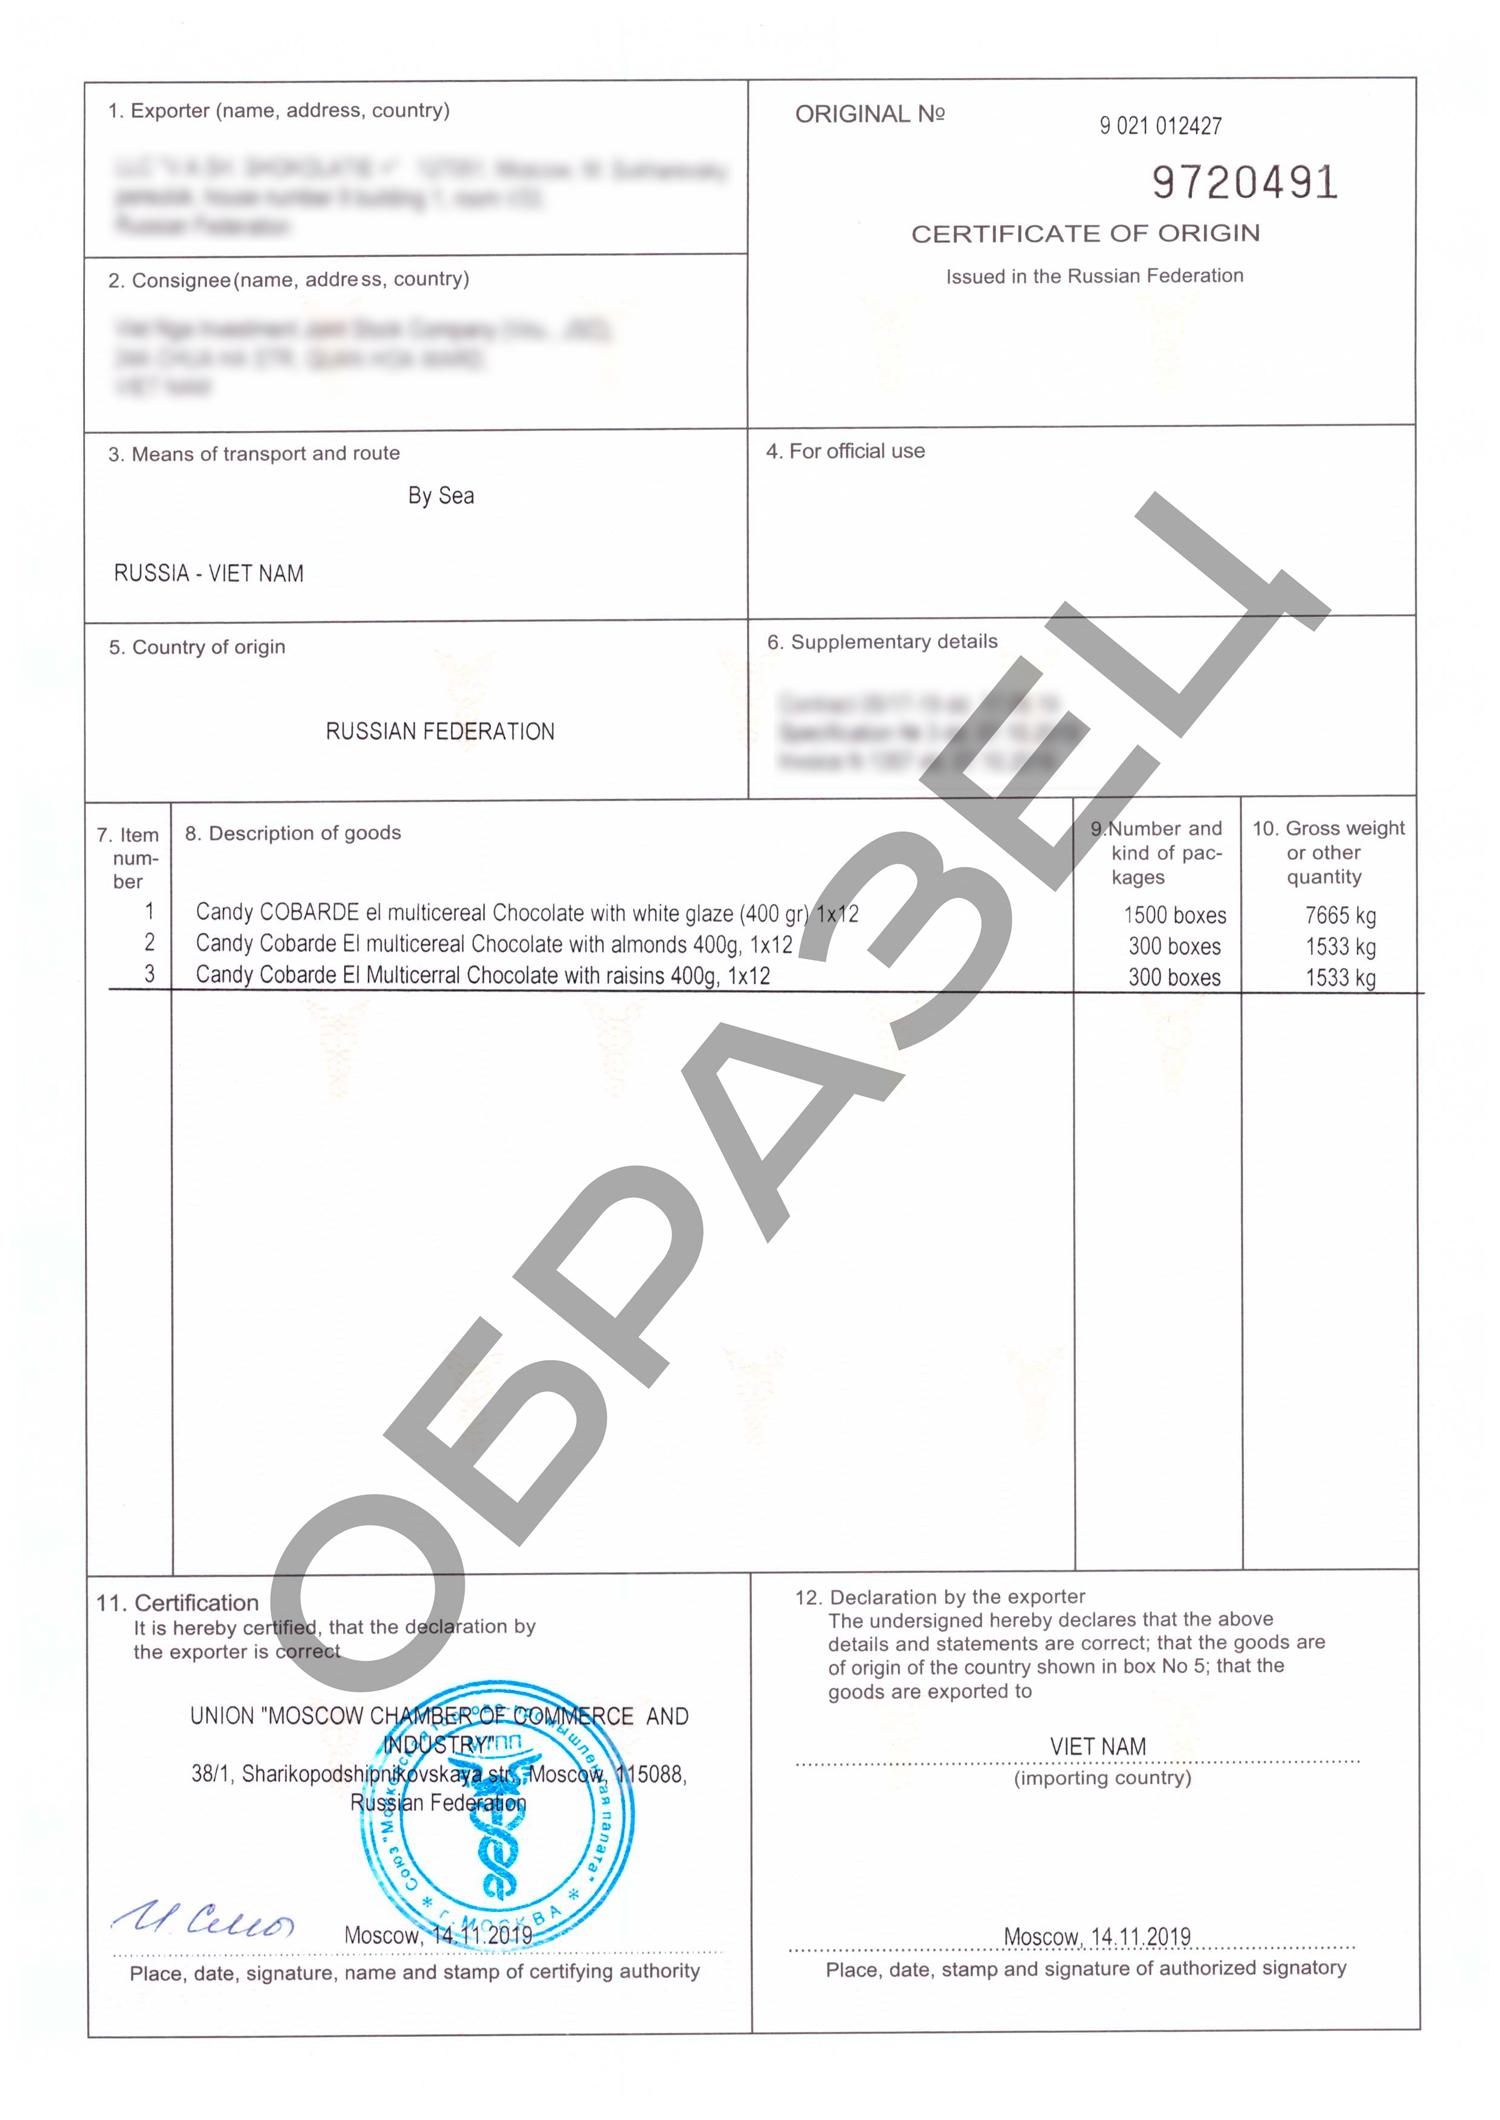 sertifikat-proishozhdeniya